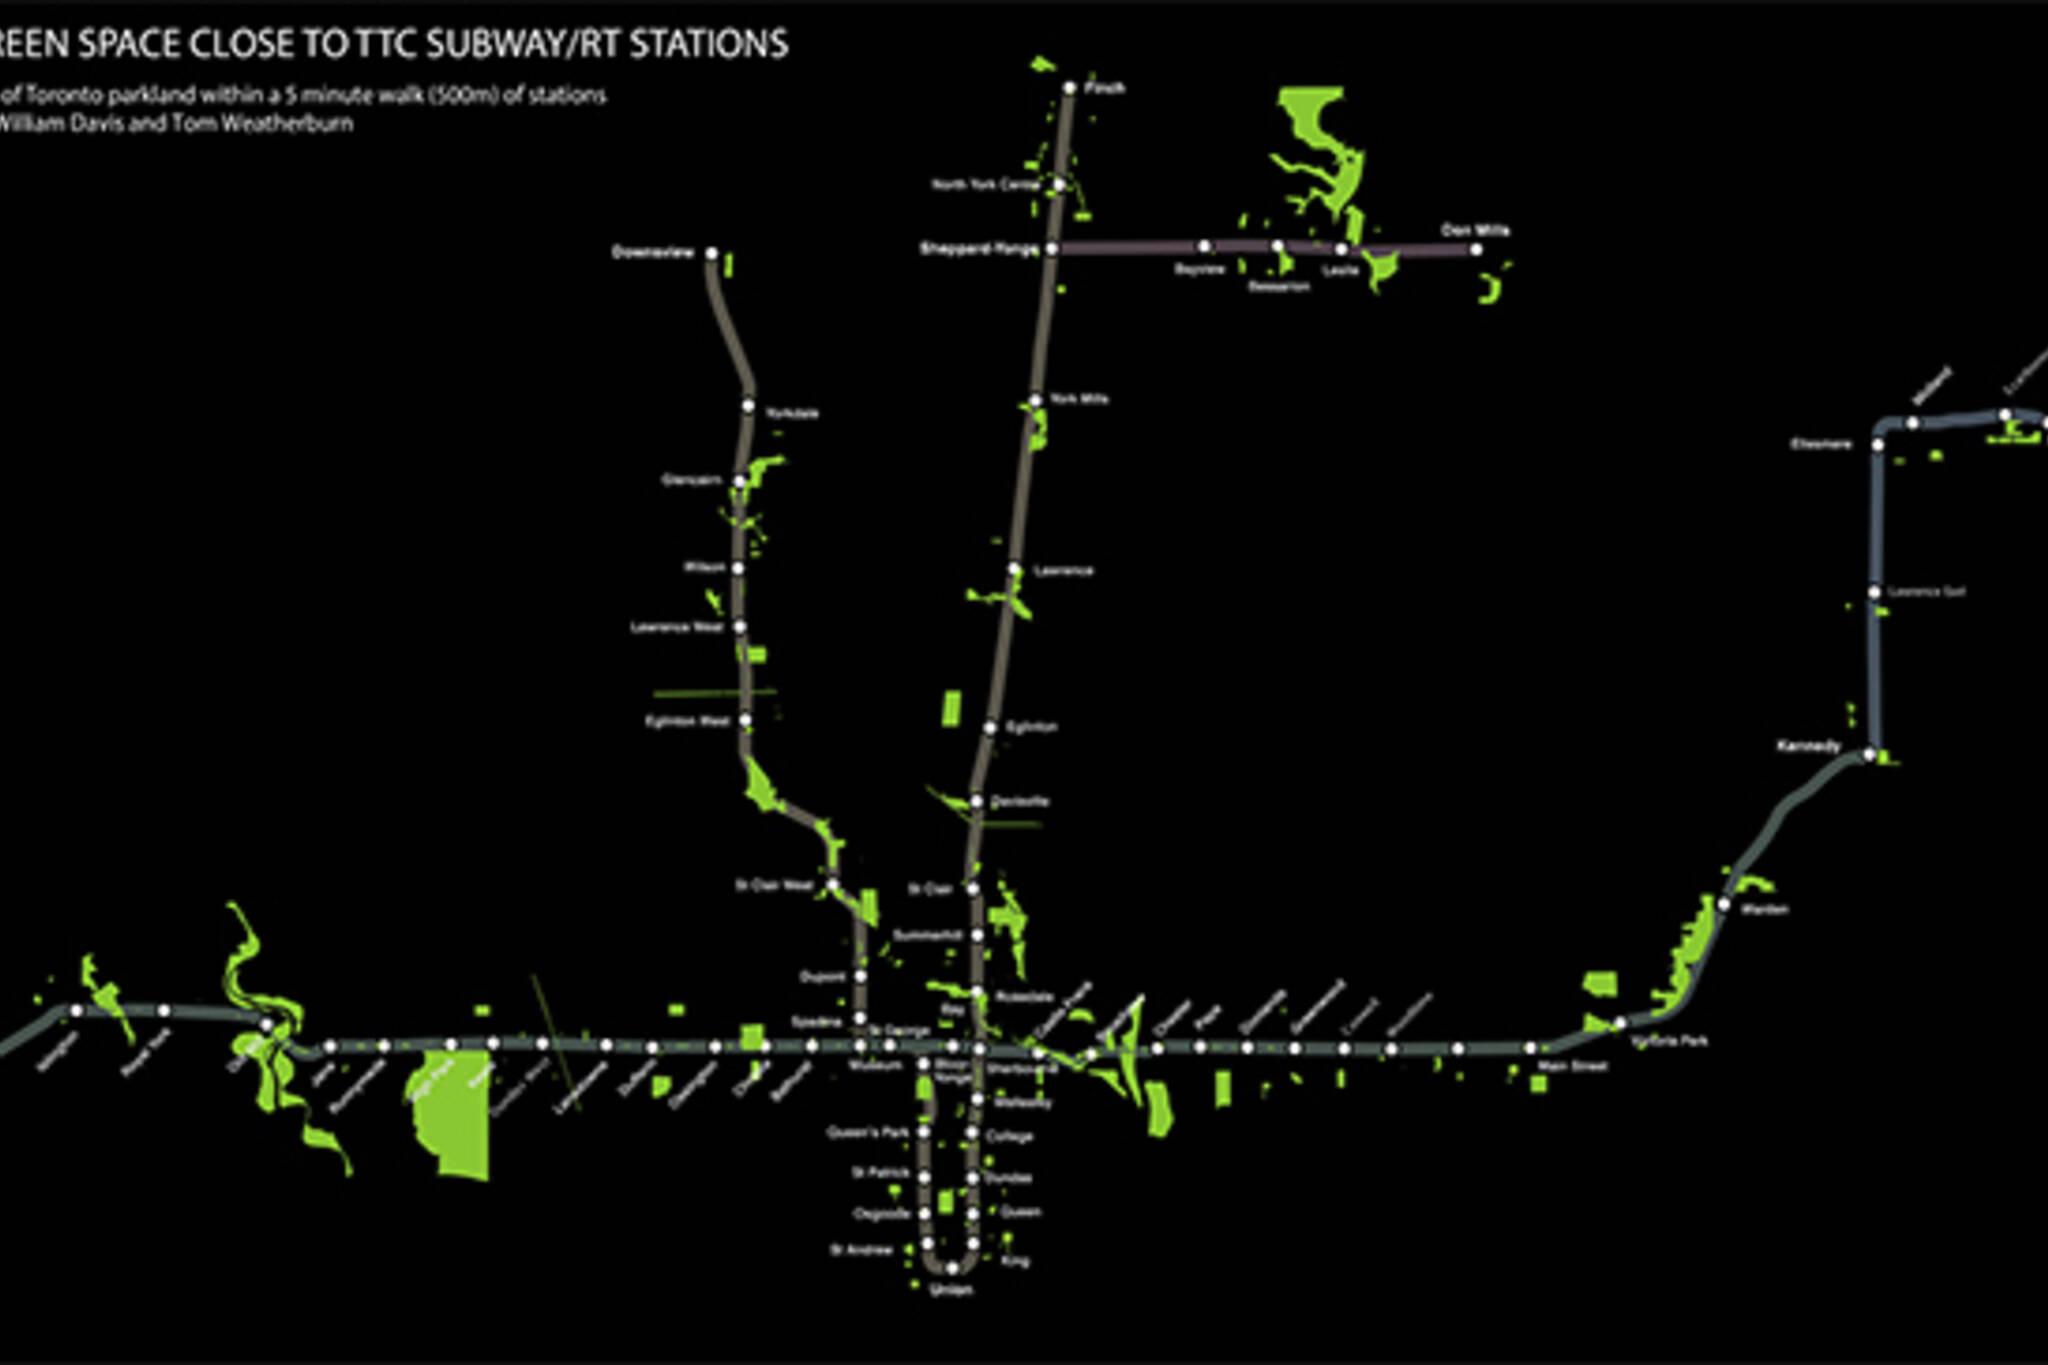 TTC parks map